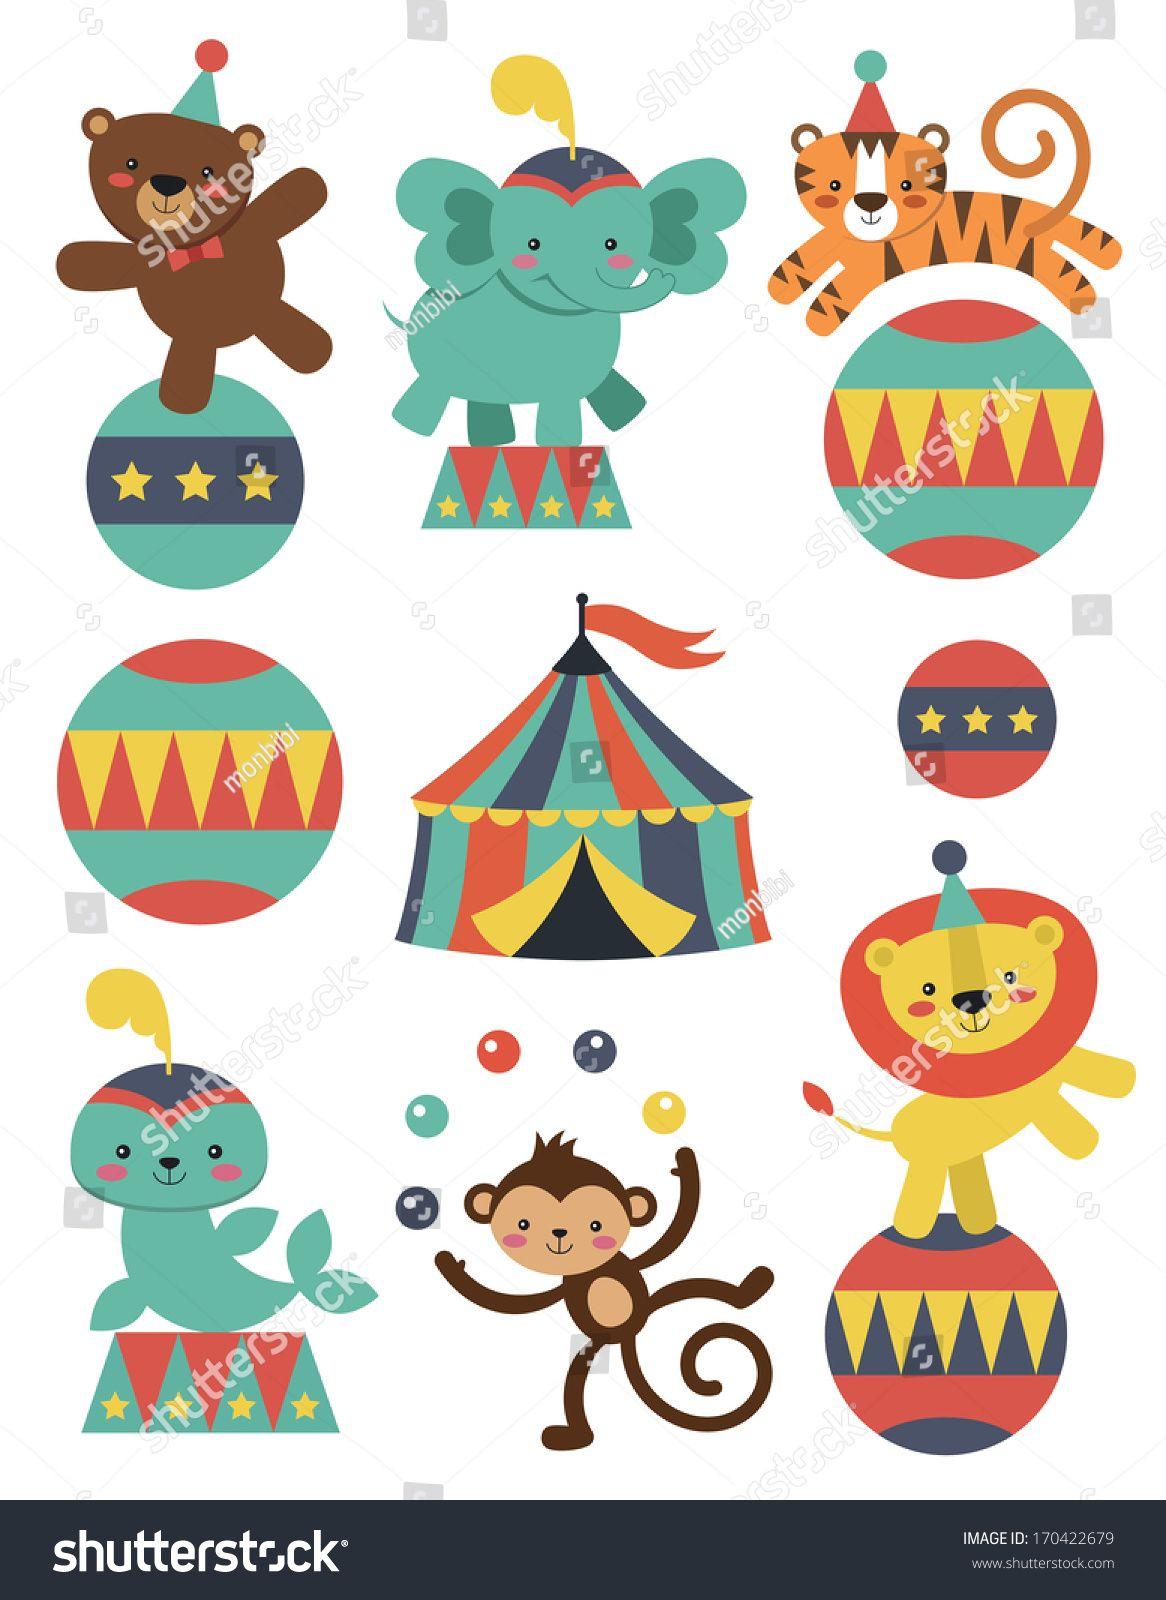 Cute Circus Animals Collection Vector Illustration Circus Illustration Circus Animals Doodle Background